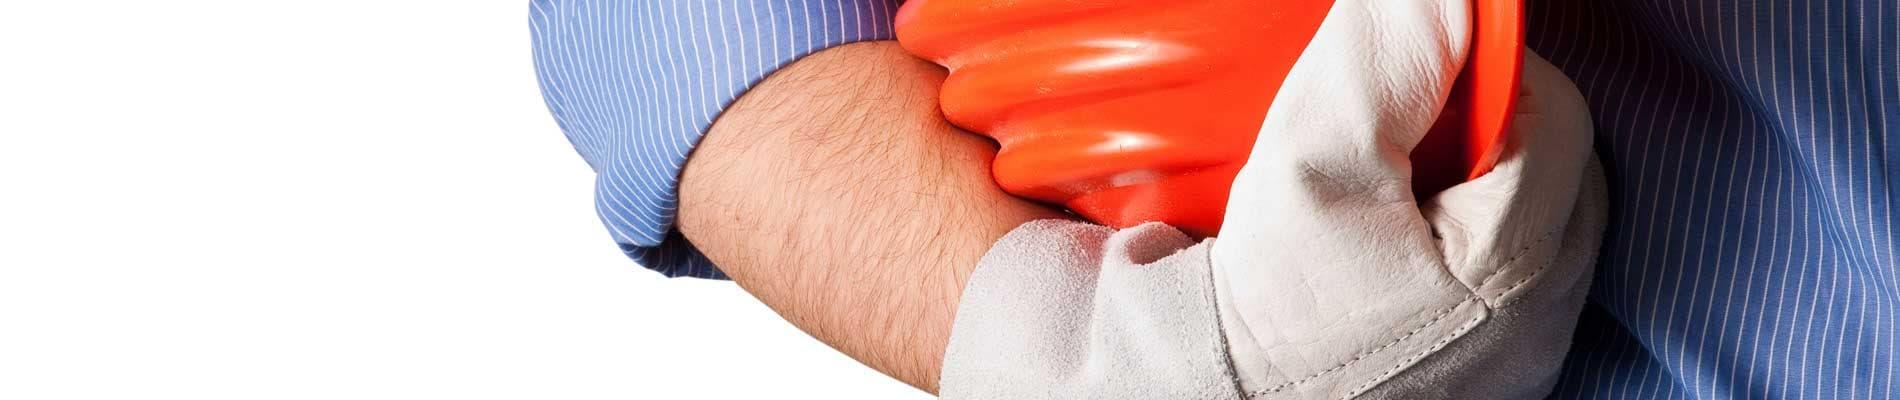 Prevención de riesgos laborales, seguridad e higiene